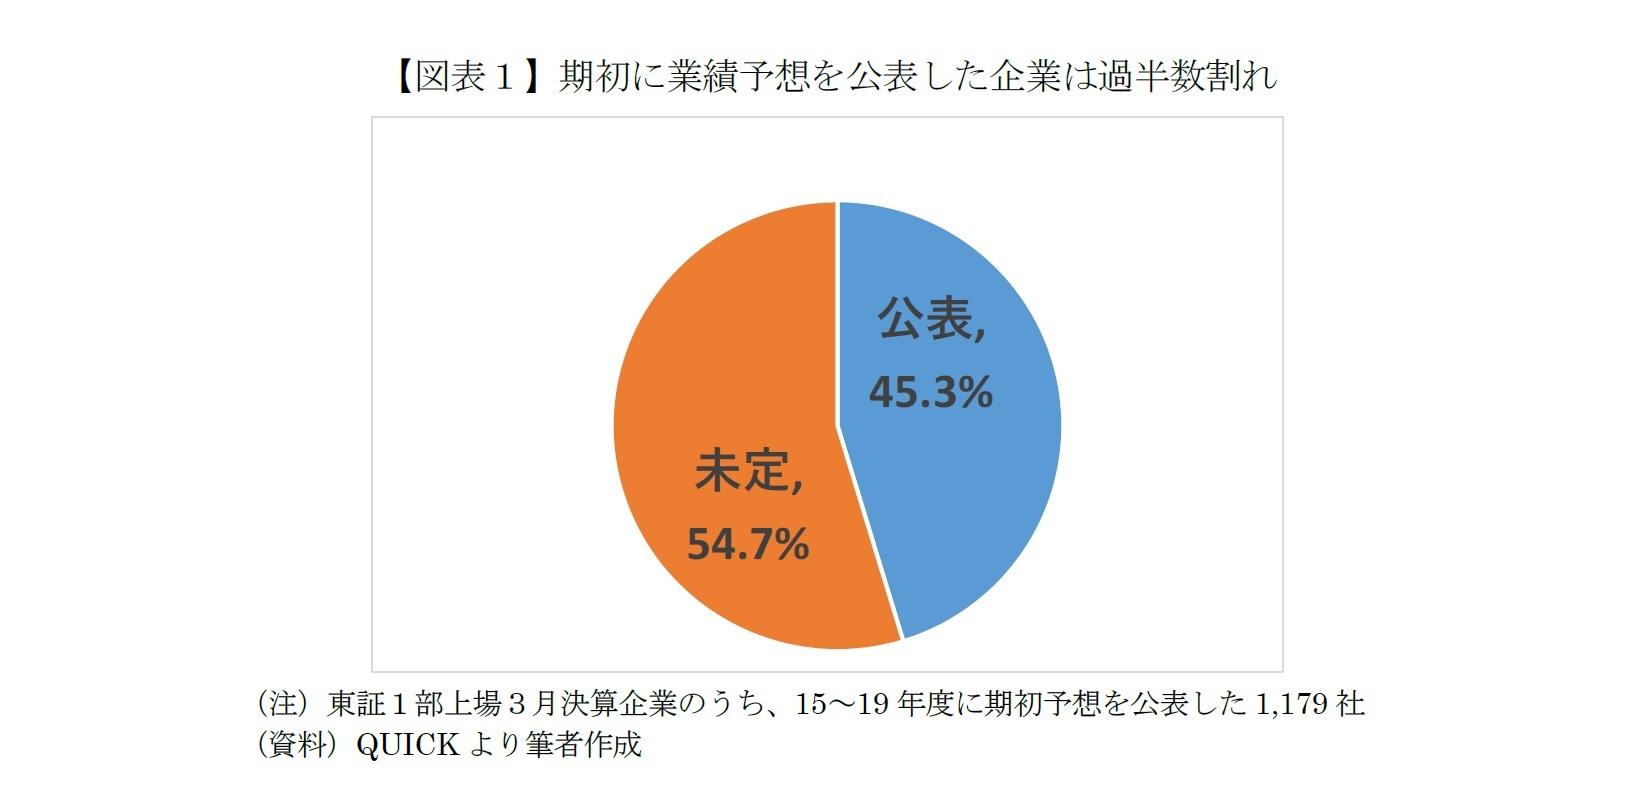 【図表1】期初に業績予想を公表した企業は過半数割れ